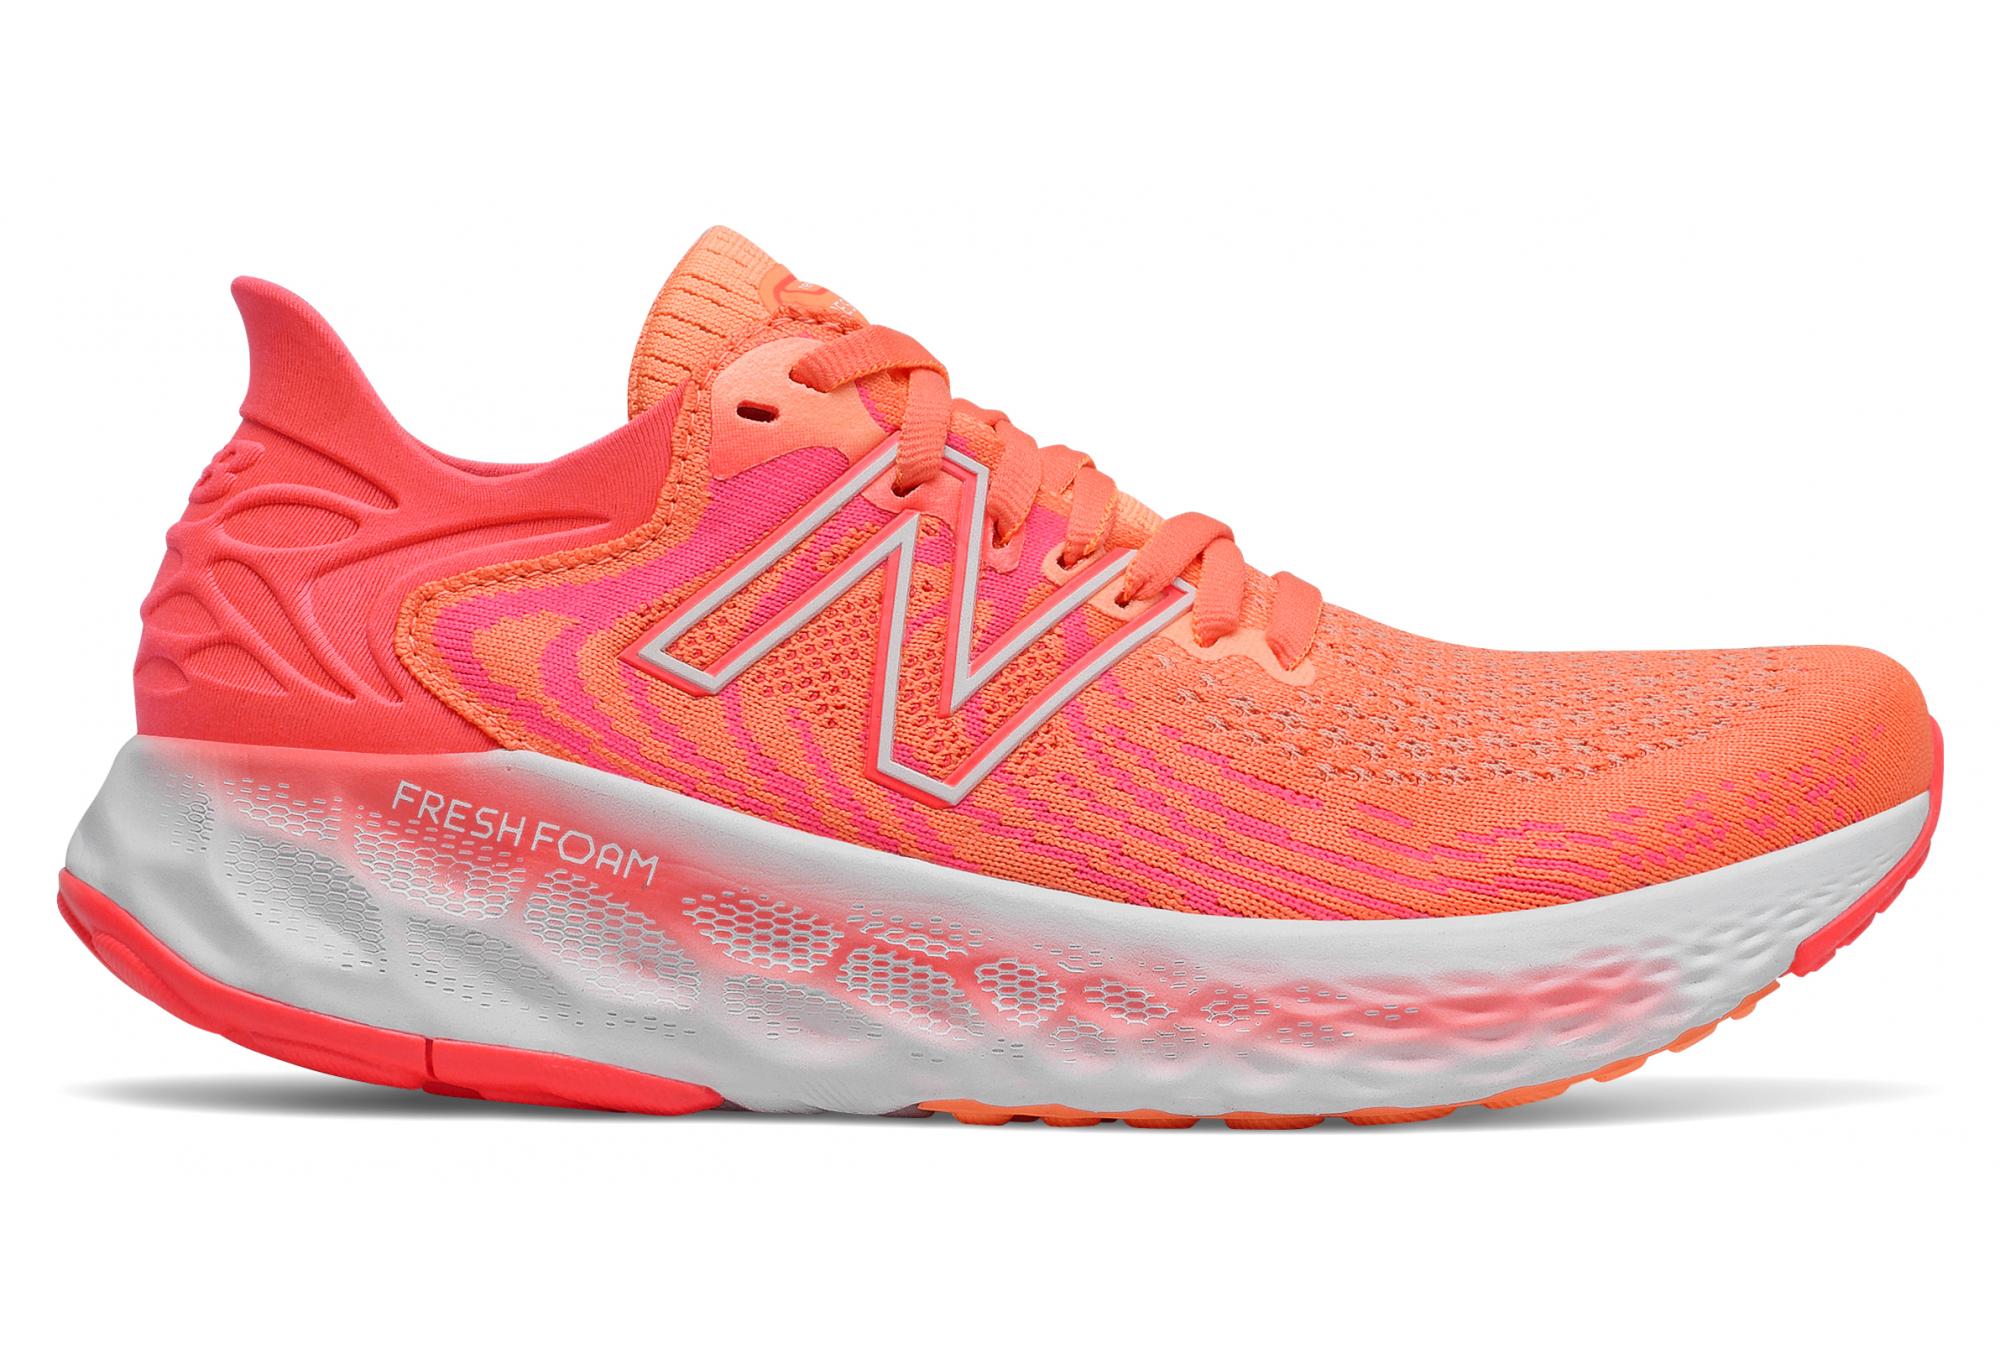 Chaussures de Running Femme New Balance Fresh Foam X 1080 V11 Orange à partir de 133,99 € au lieu de 170,00 €